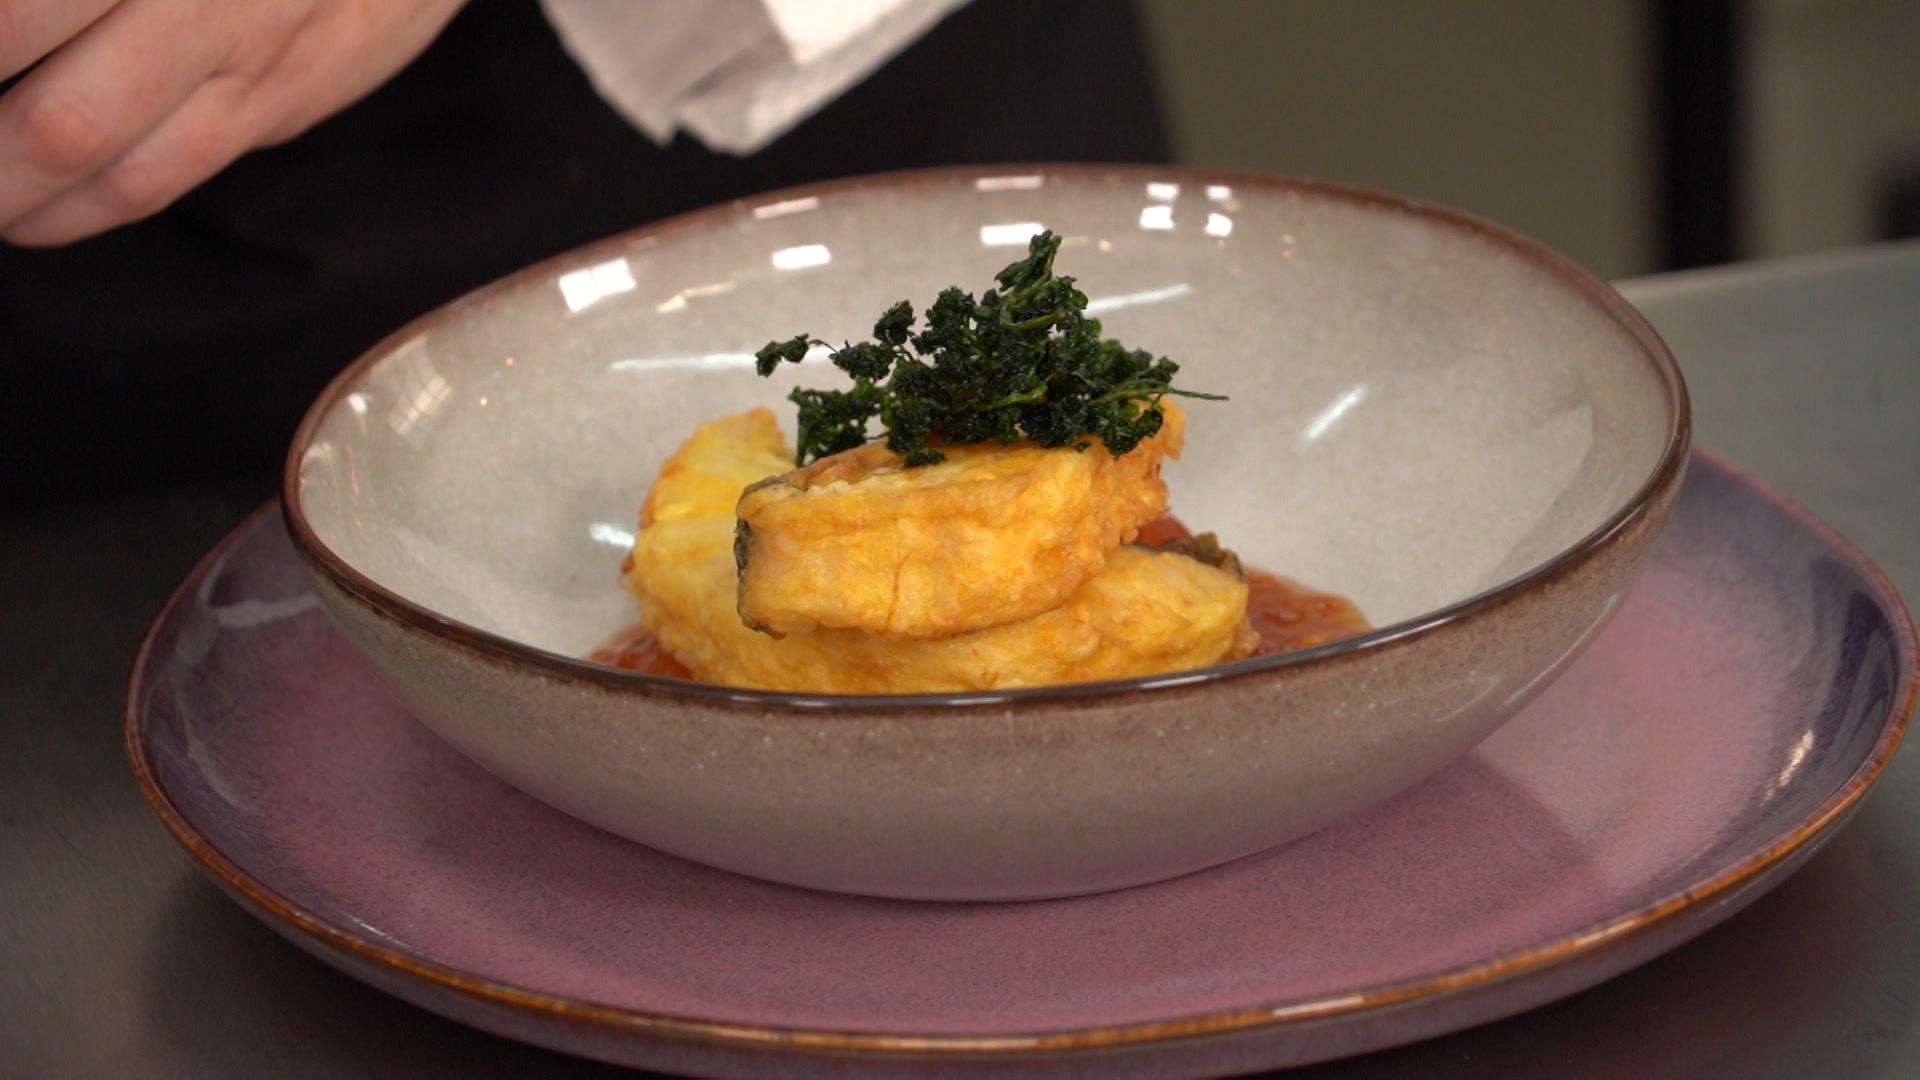 Bacalao con tomate, la receta tradicional